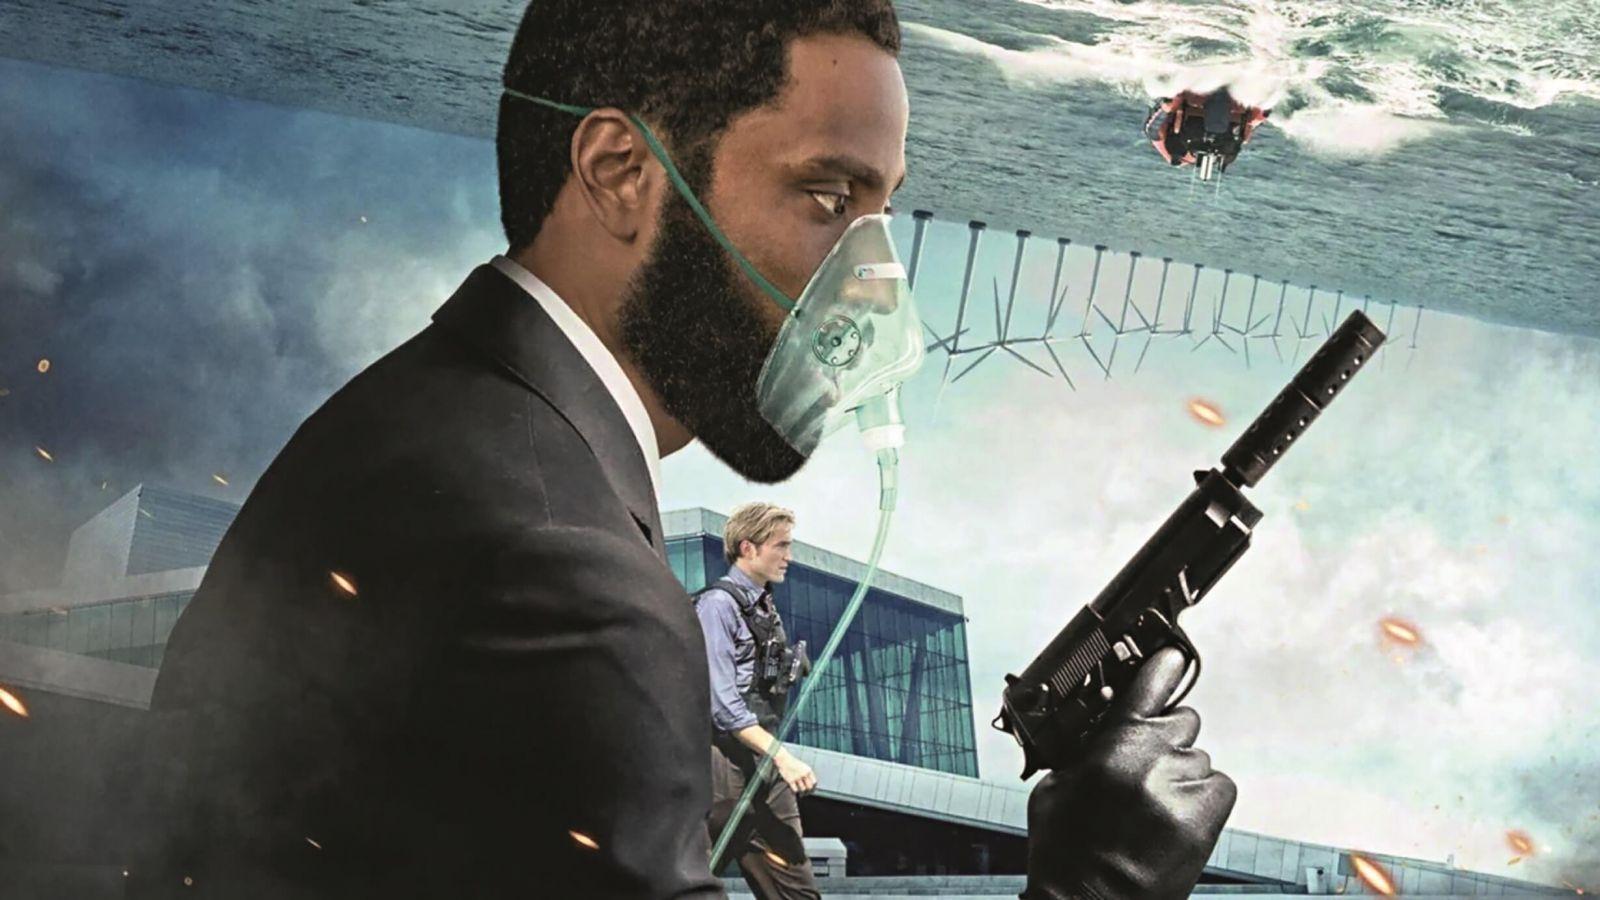 Что смотреть в сентябре: новый фильм Кристофера Нолана и многострадальное кино про юных мутантов